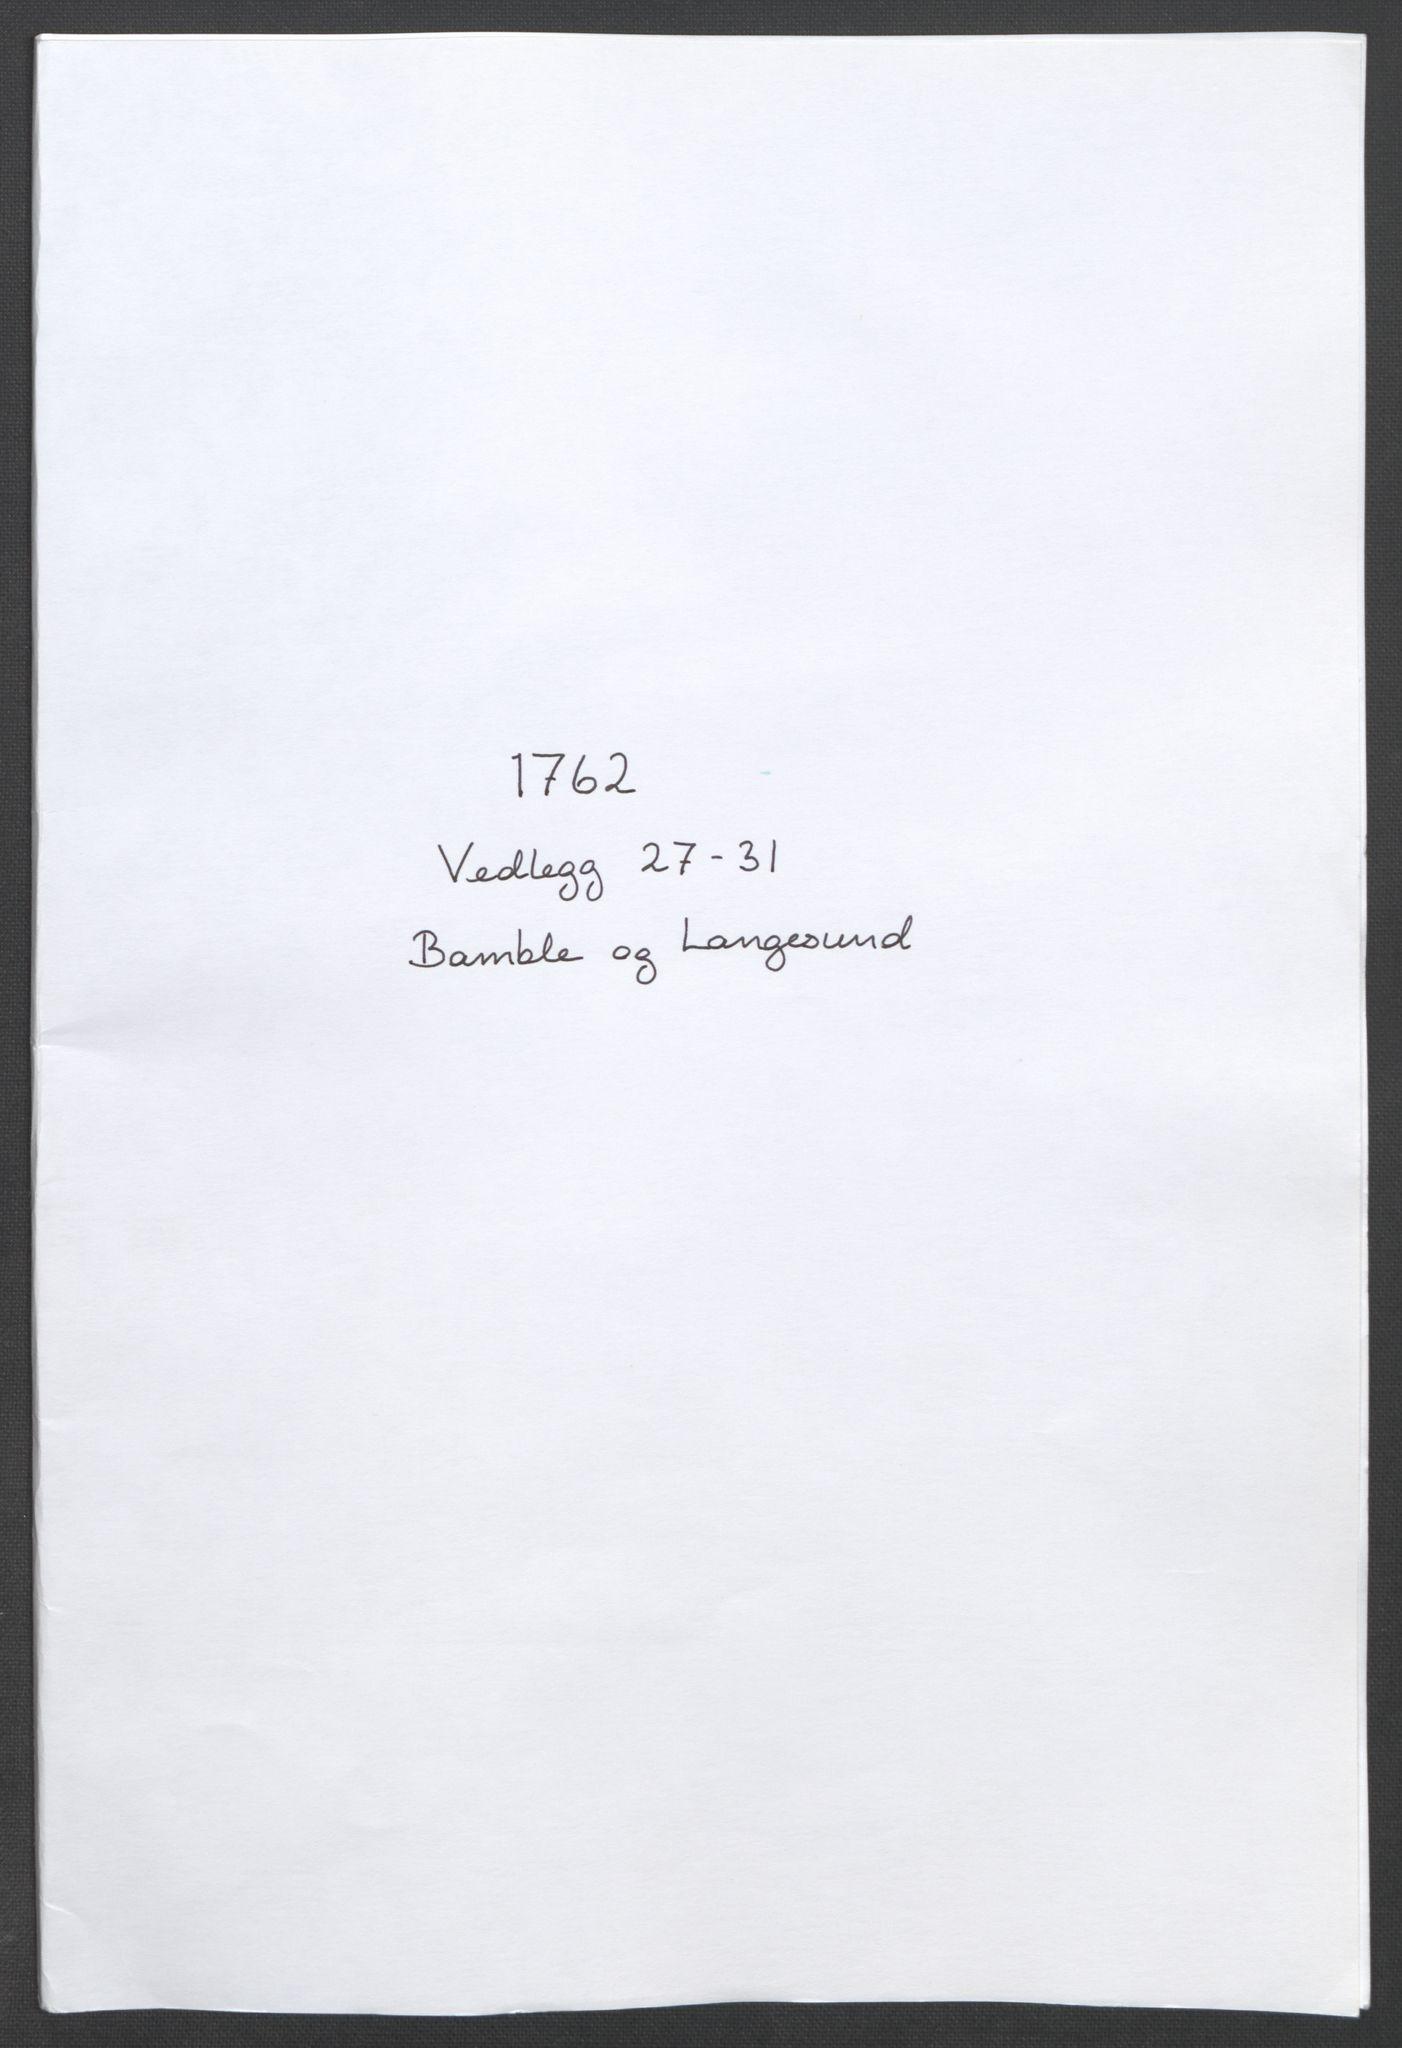 RA, Rentekammeret inntil 1814, Reviderte regnskaper, Fogderegnskap, R37/L2239: Ekstraskatten Nedre Telemark og Bamble, 1762-1763, s. 241